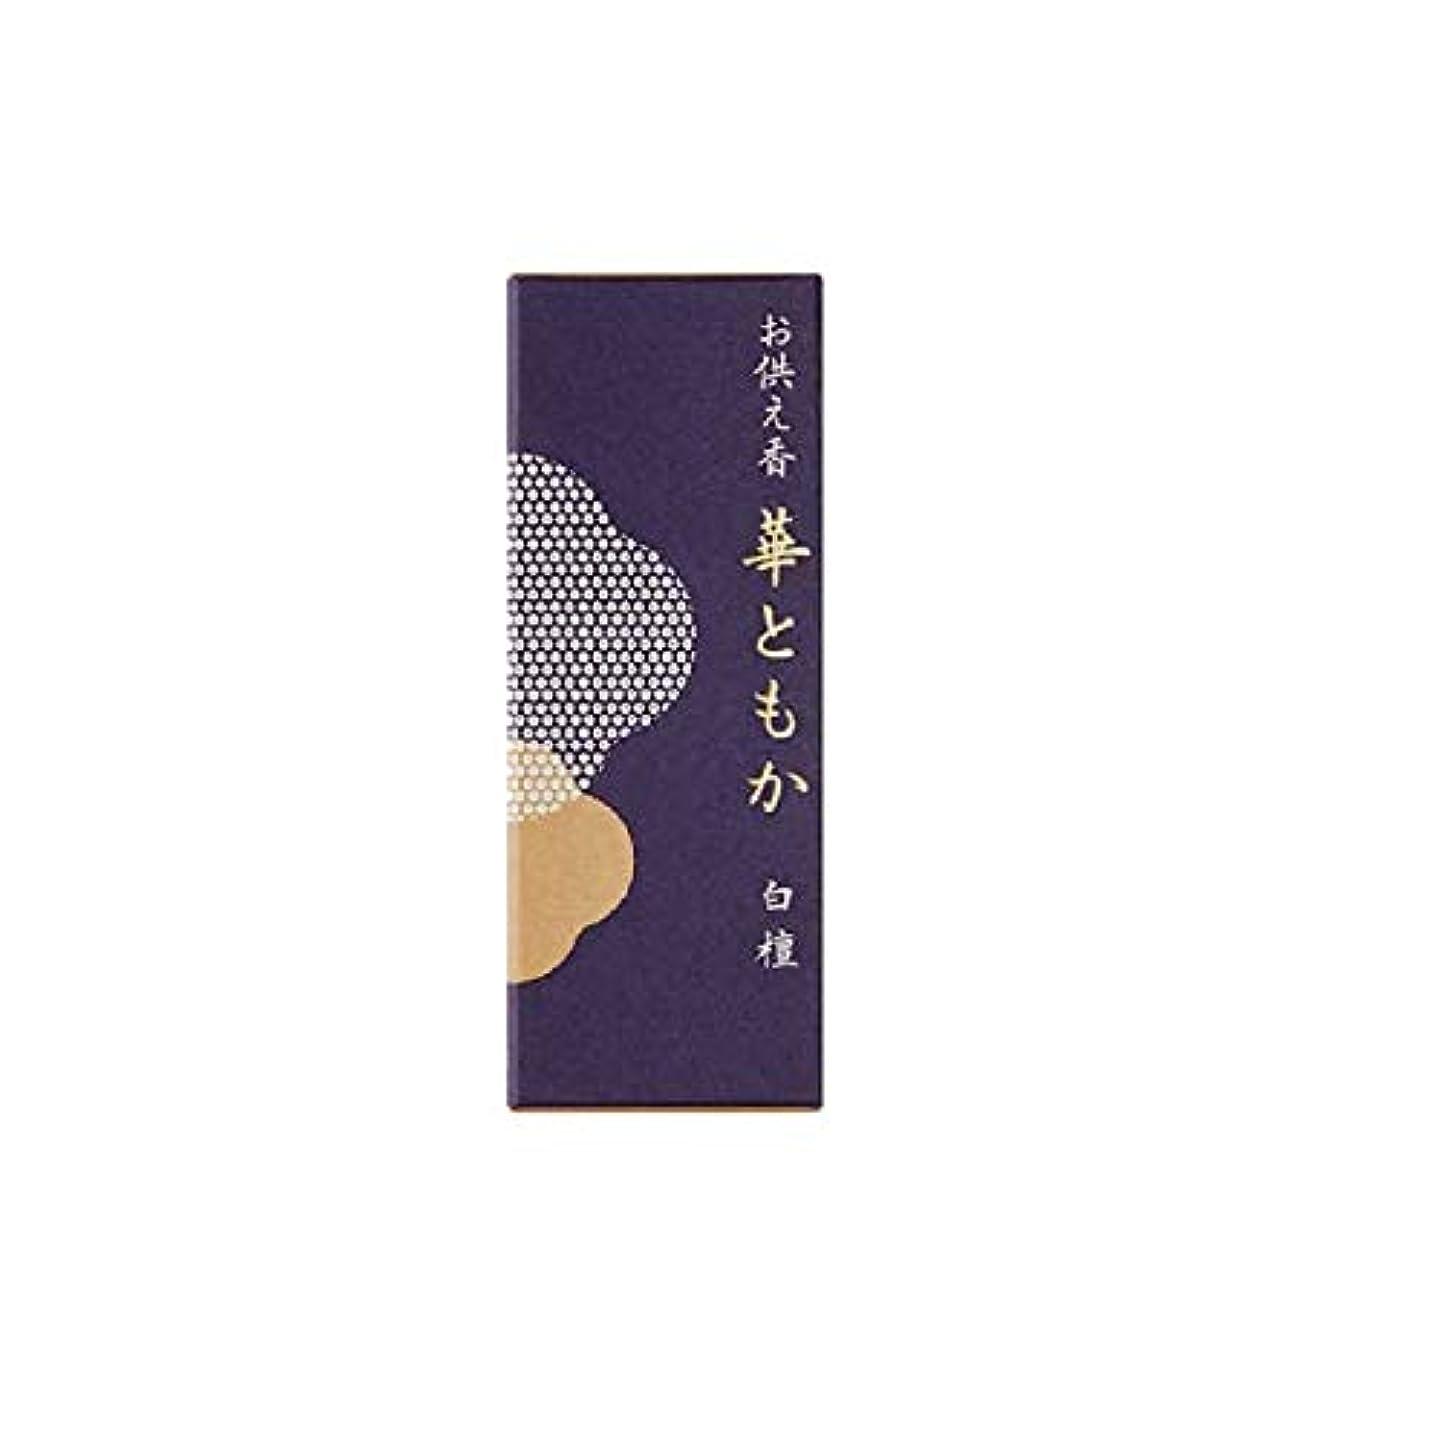 呼び起こす奇跡的な文化お供え香 華ともか 補充用香料 白檀の香り